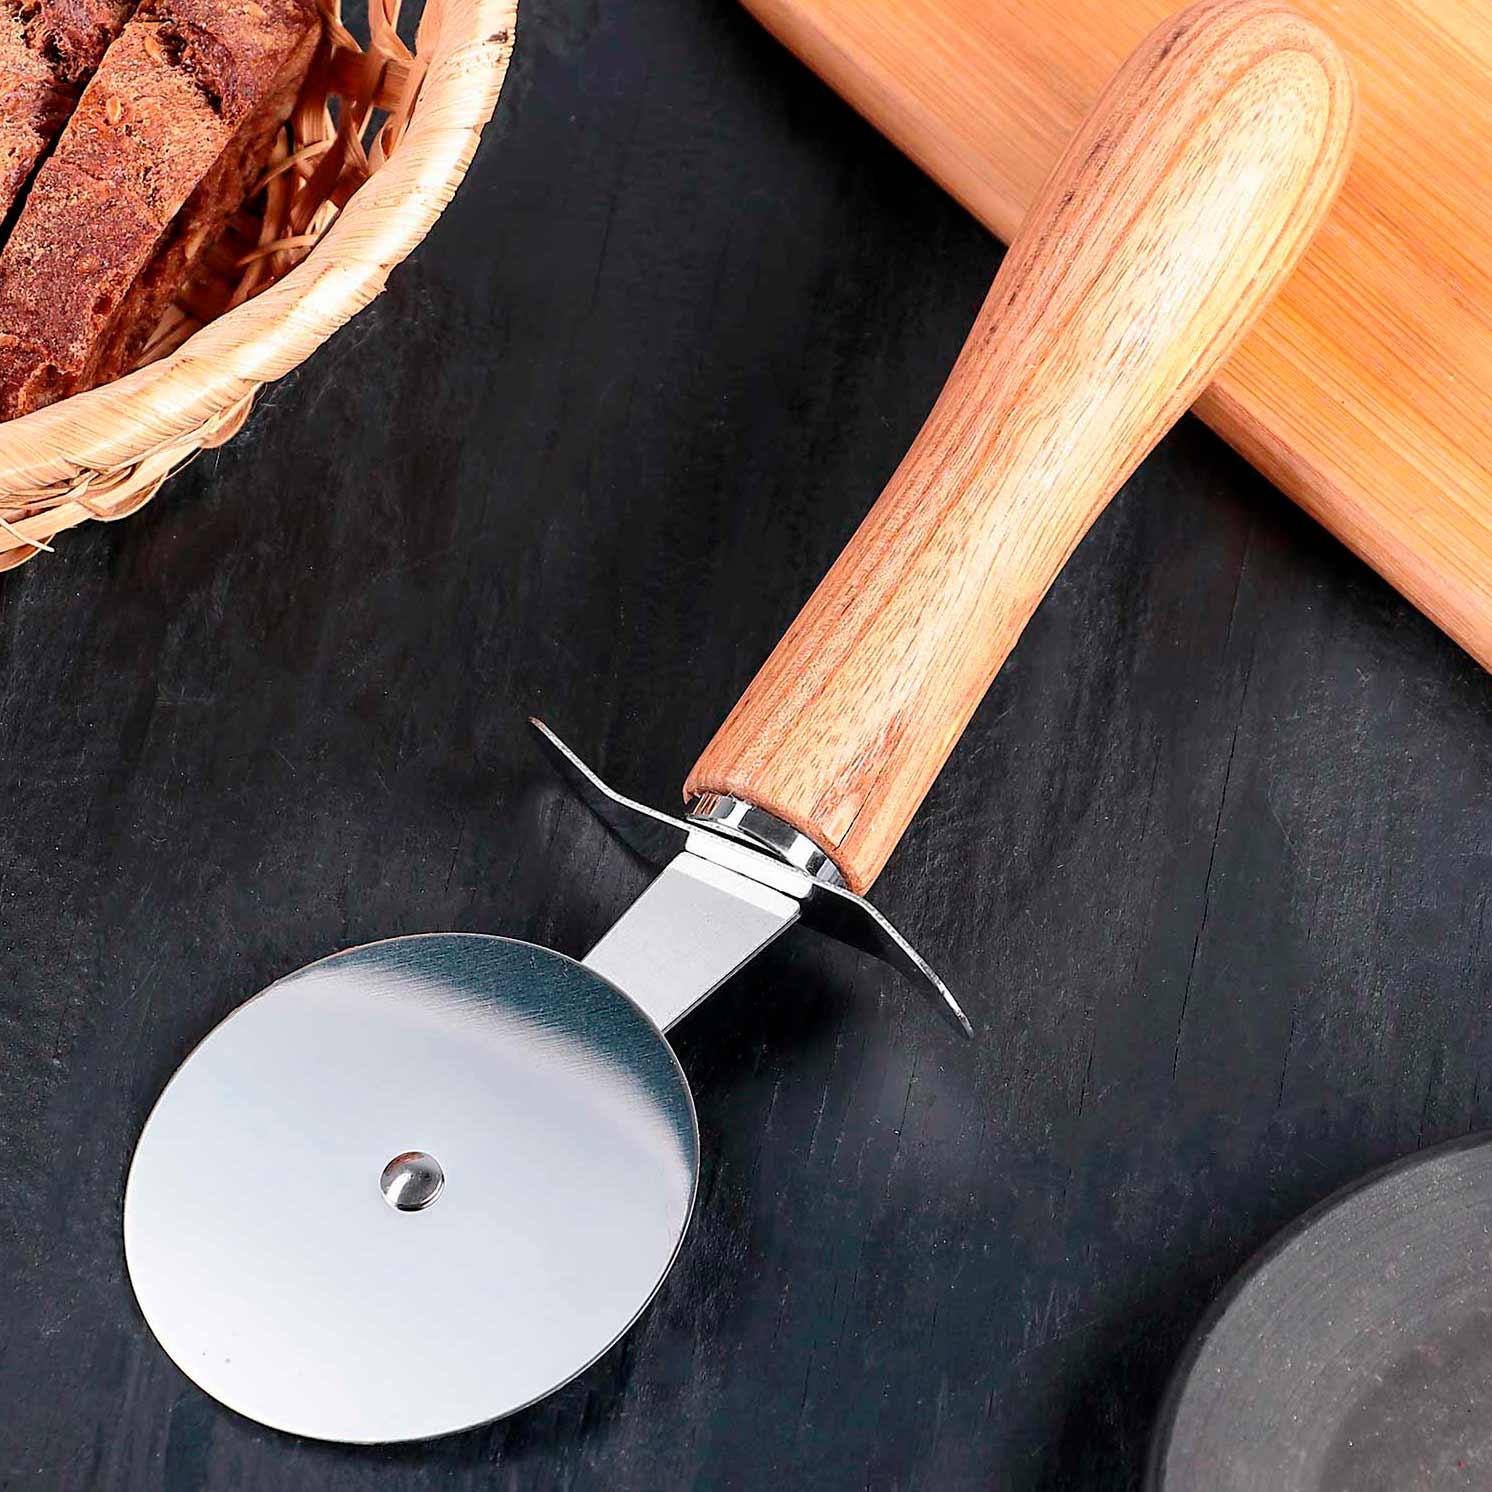 Нож для пиццы и теста «Кафу», 20,5 см, ручка из бразильской гевеи